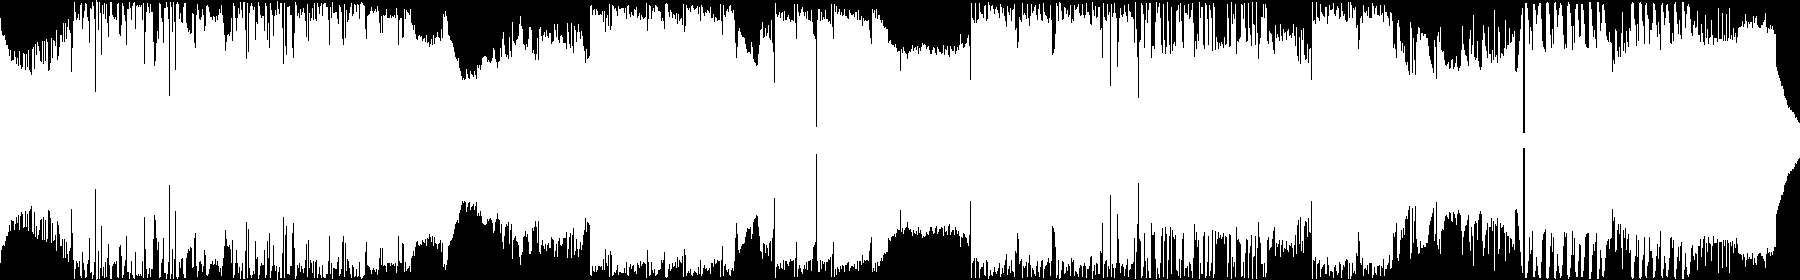 Oblique - Dark Trap & Hip Hop audio waveform